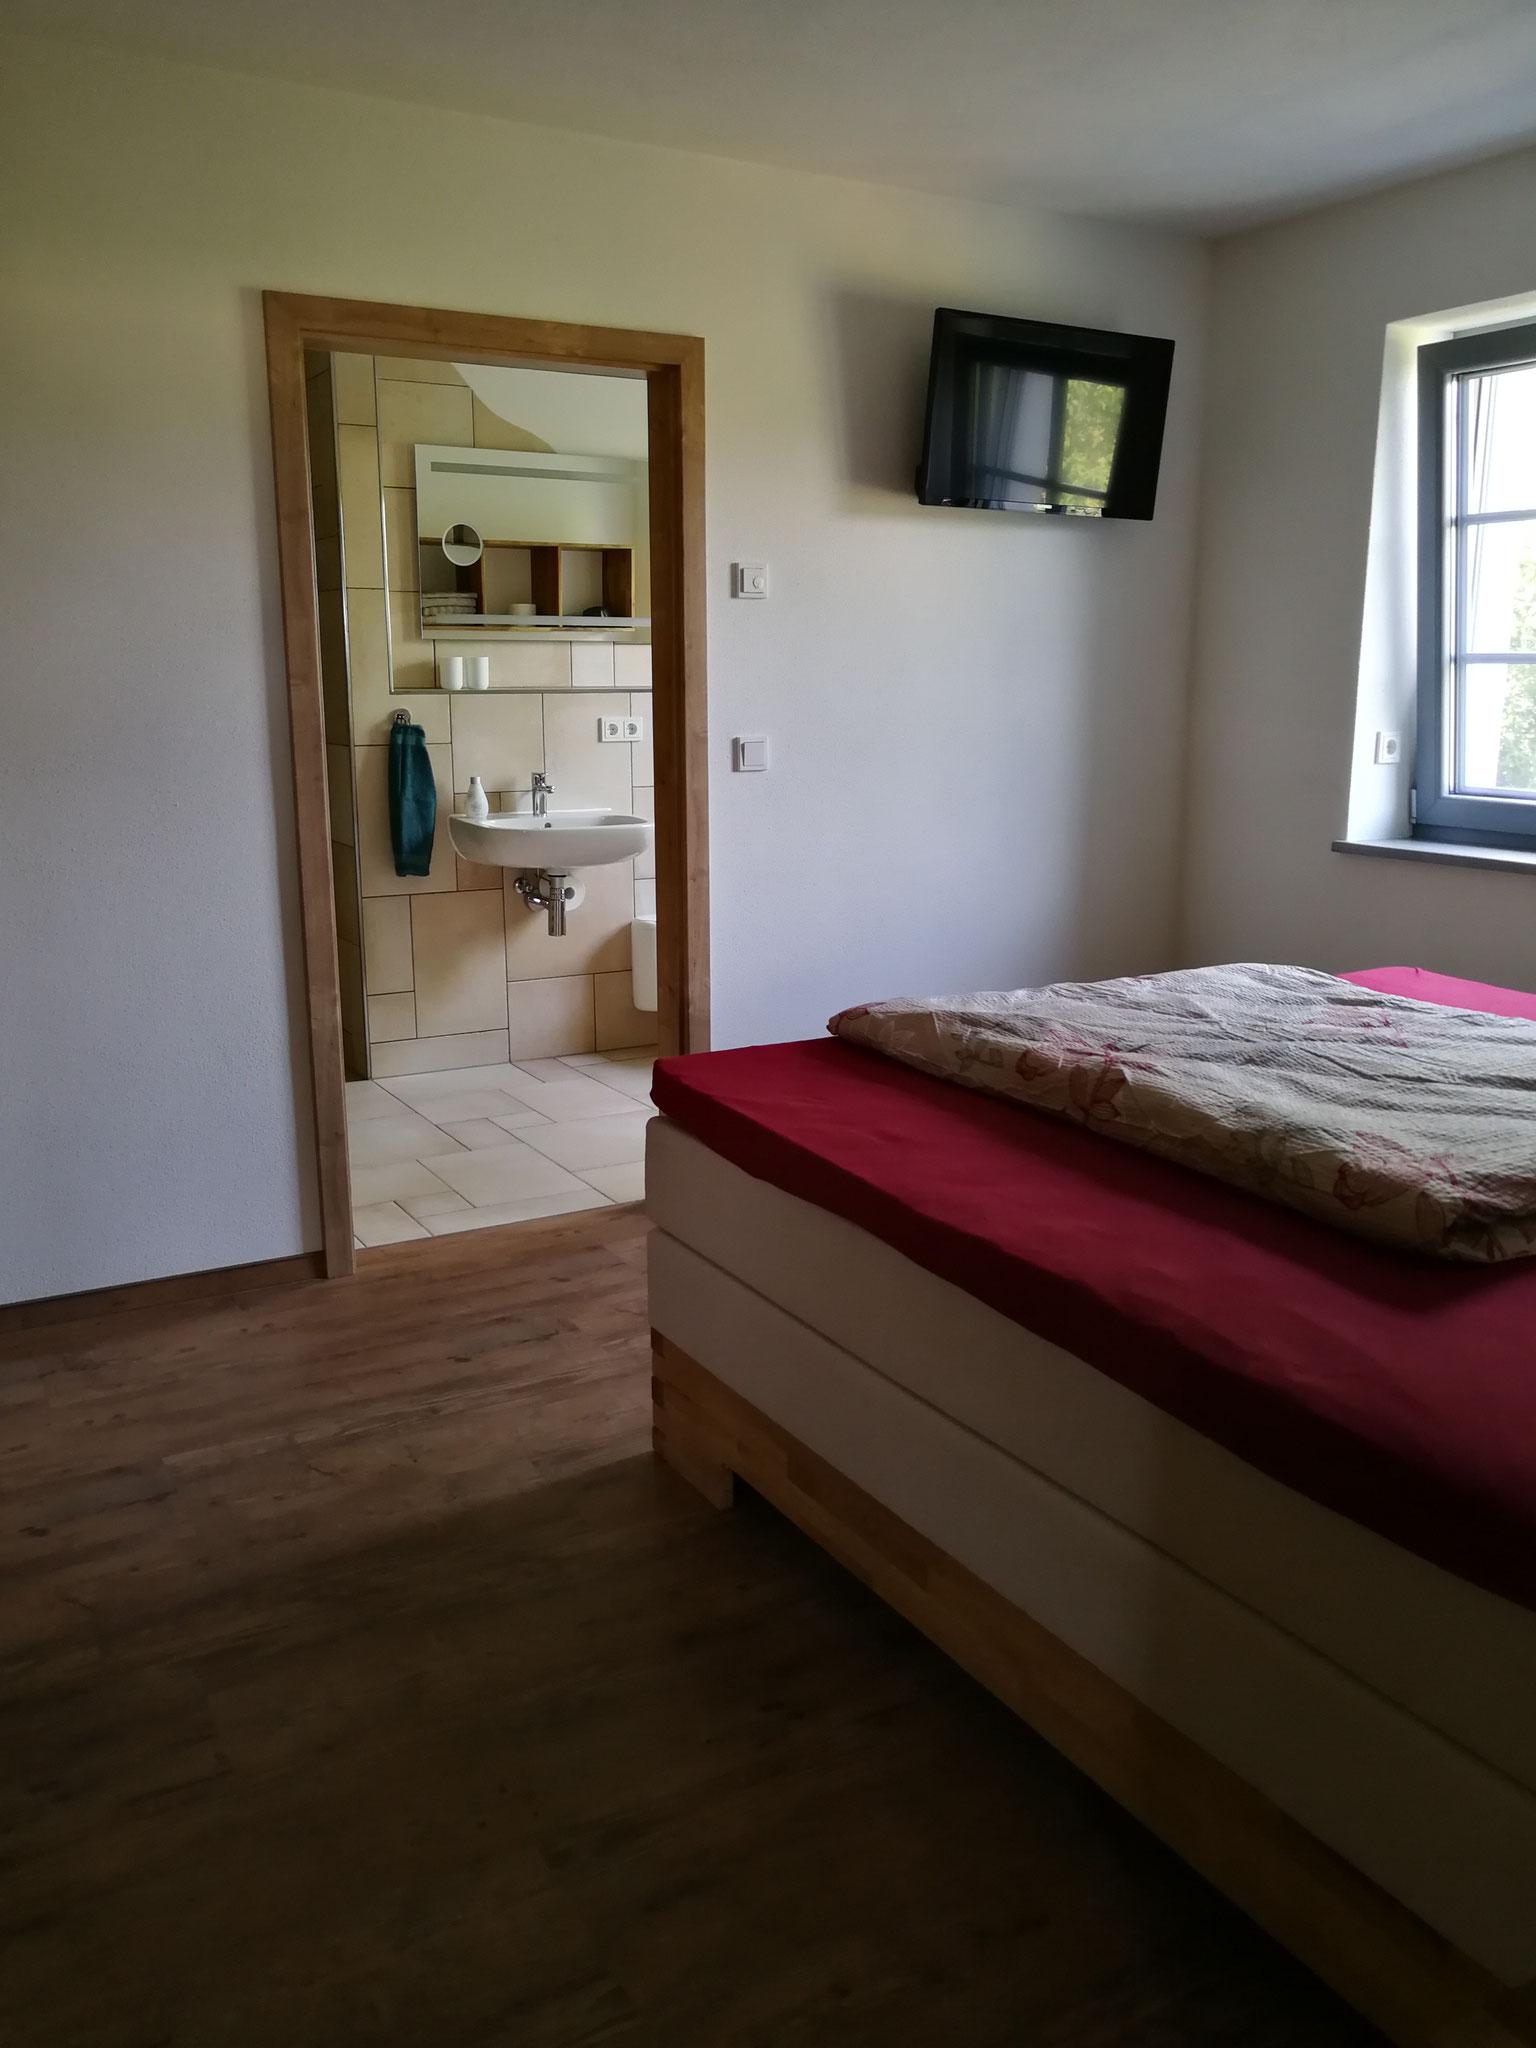 Schlafzimmer 1 mit Blick ins Bad